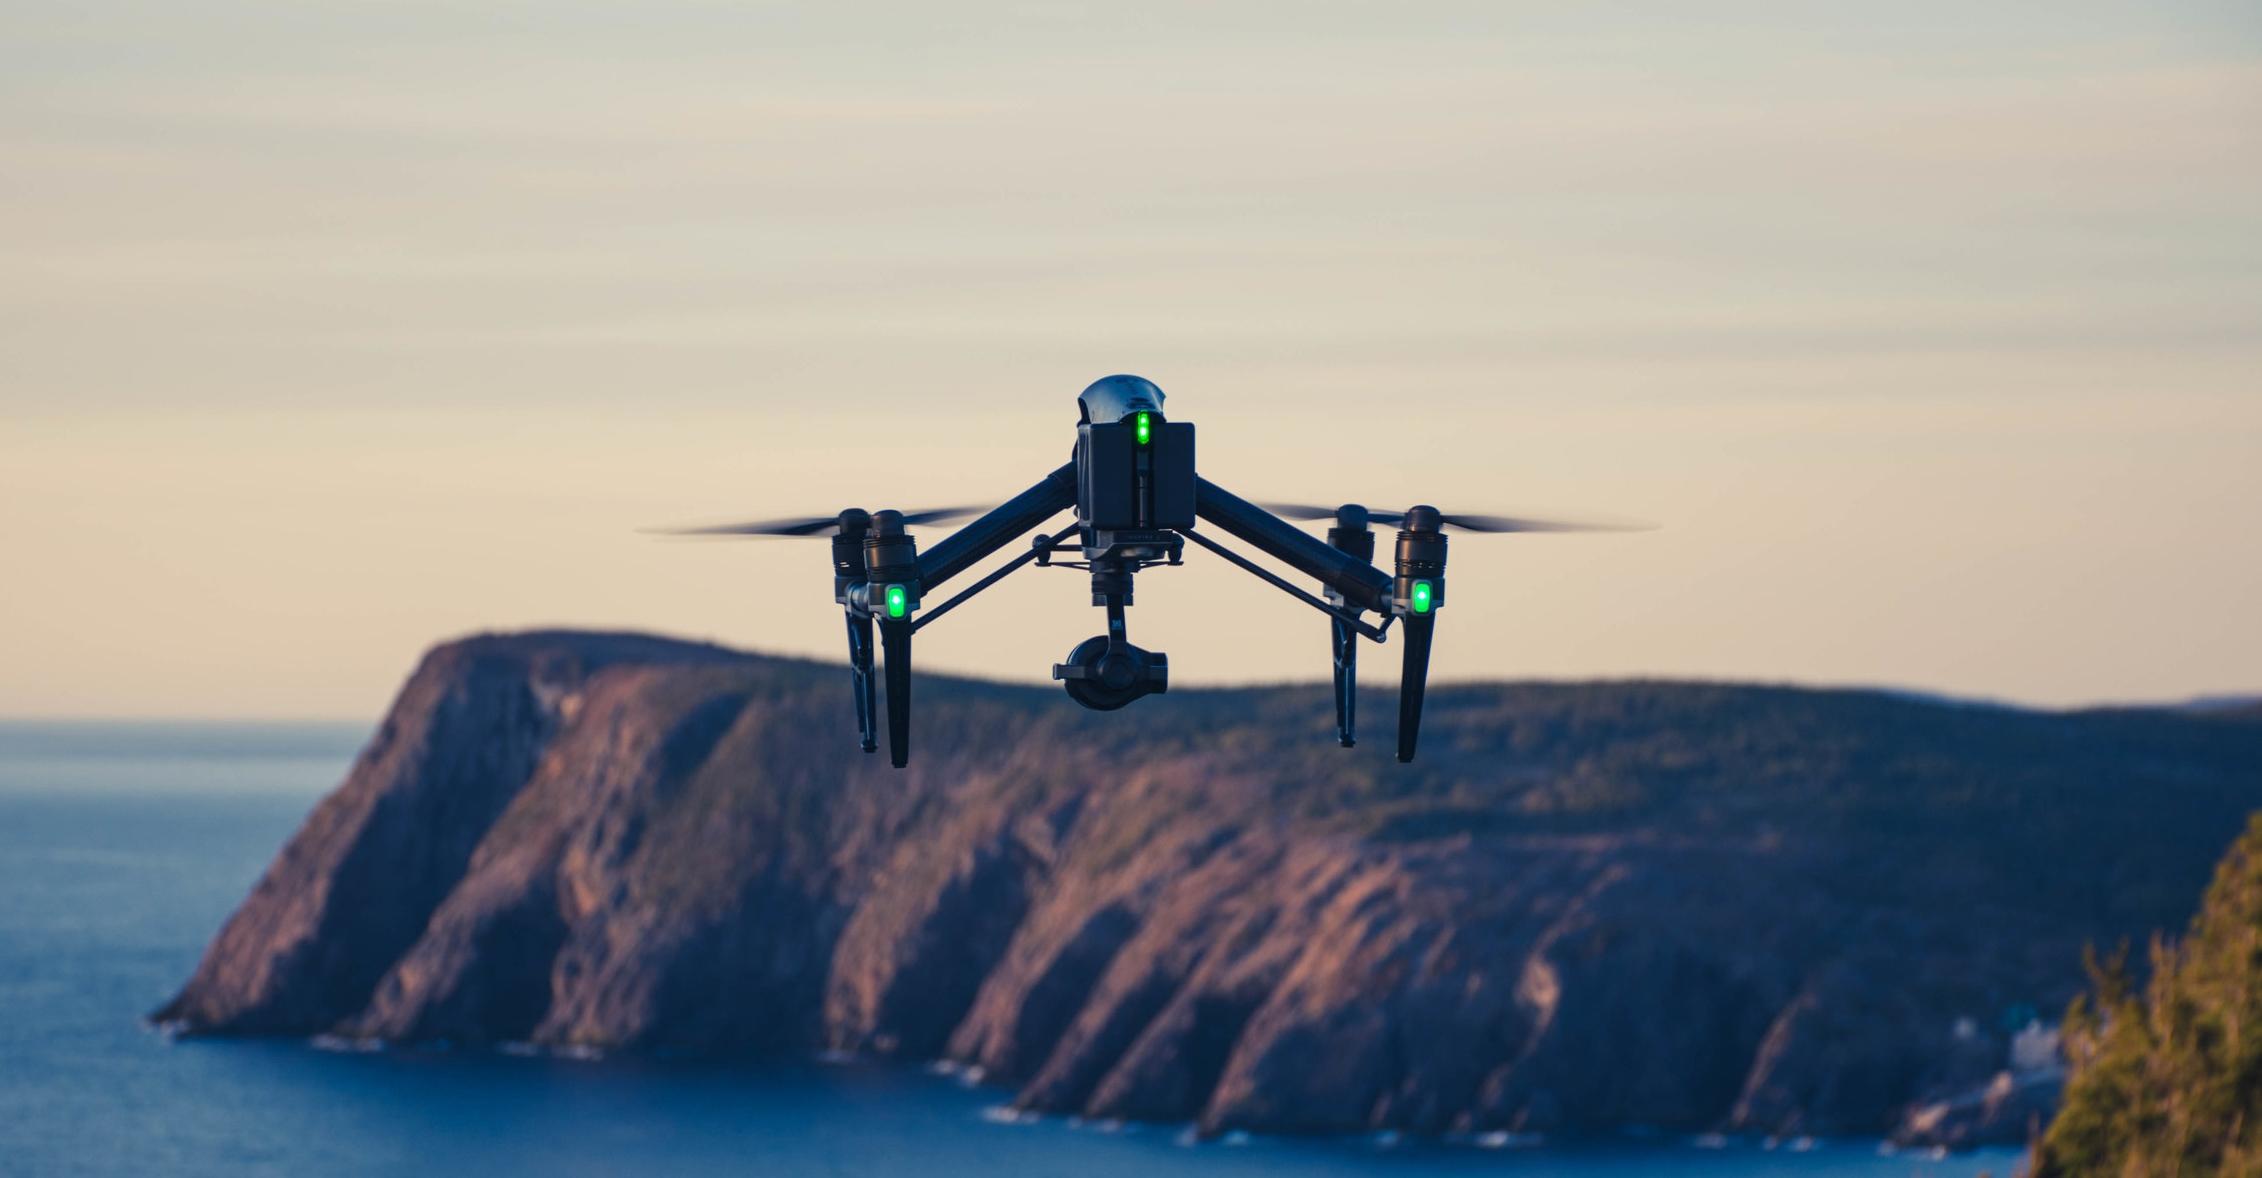 UAV, Drone, Newfoundland remote sensing, Aerial Survey